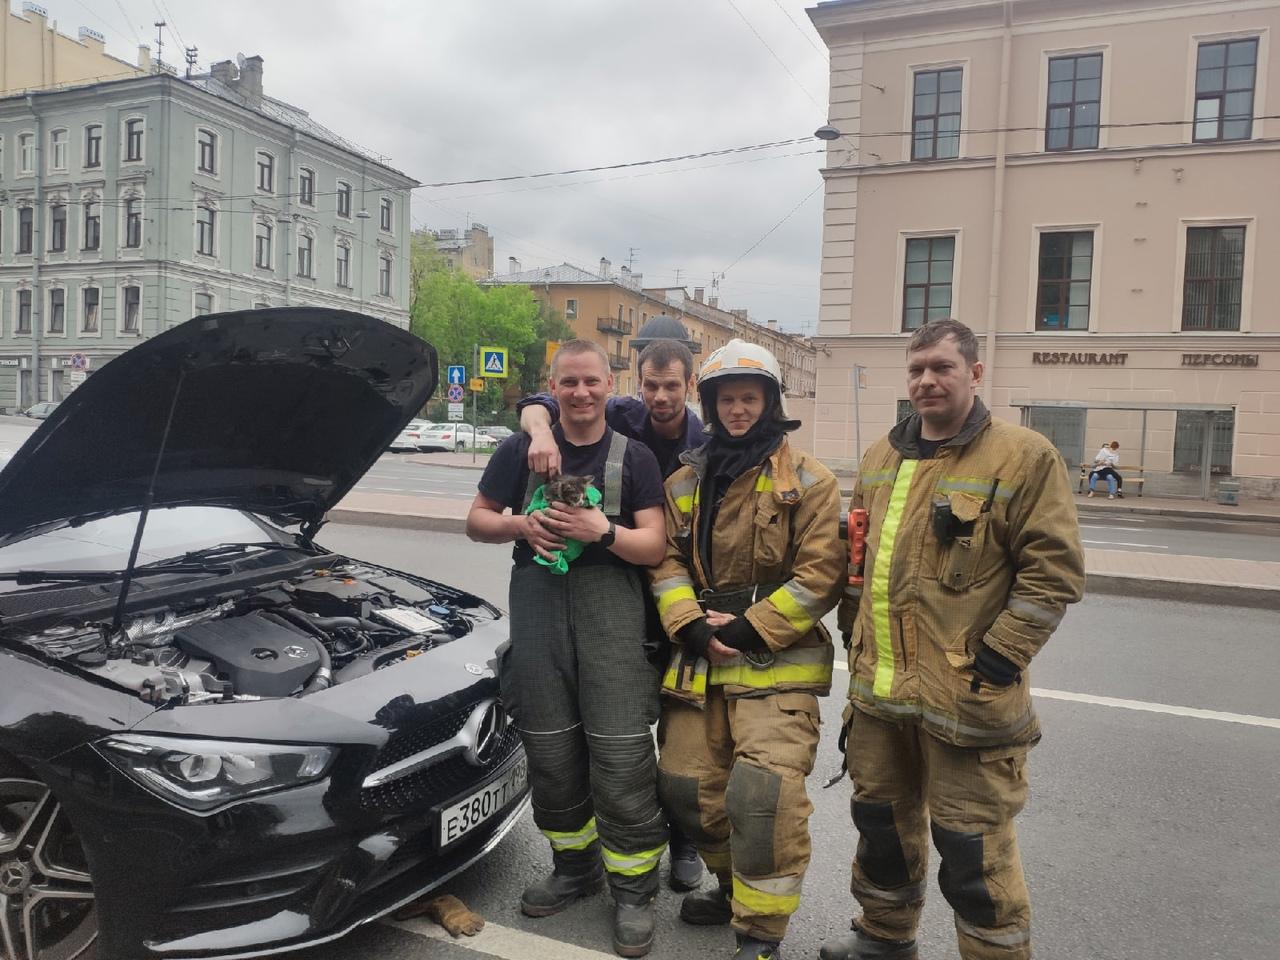 Вчера на Измайловском проспекте под капот заскочил котёнок и забился под защиту на дно машины. Вызва...